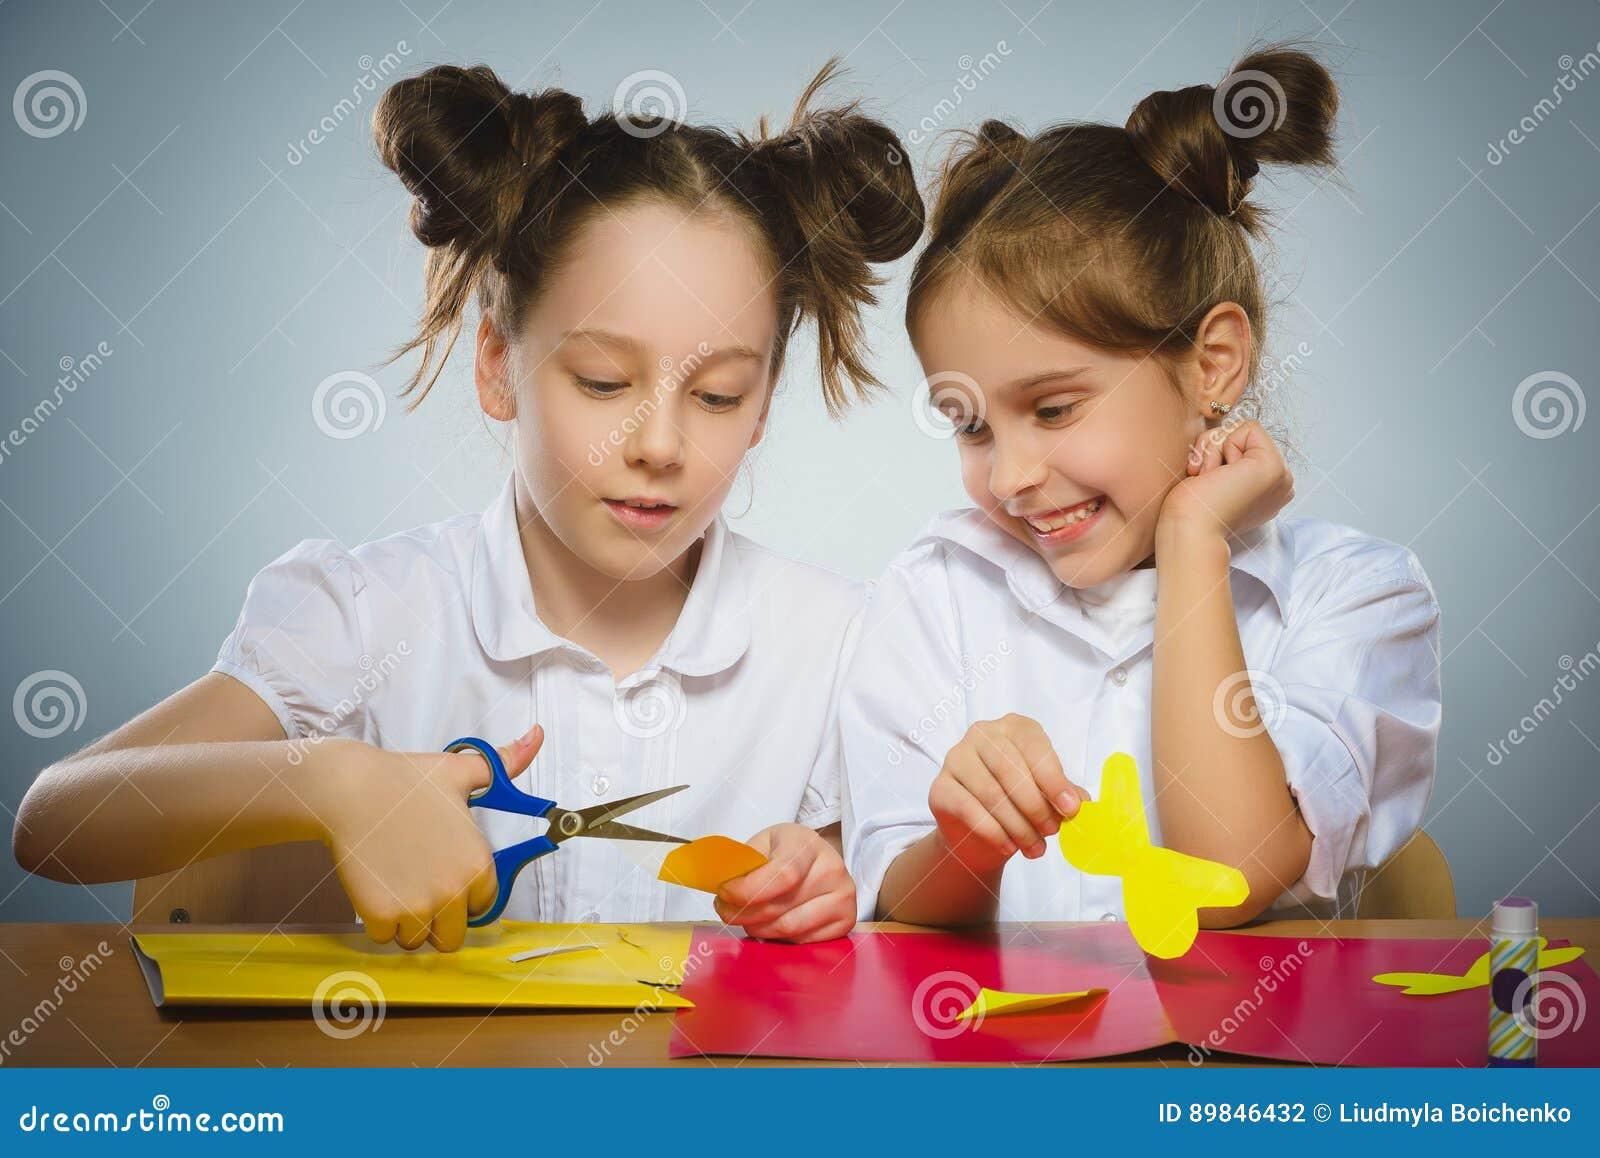 Flickor gör något från kulört pappers- användande lim och sax